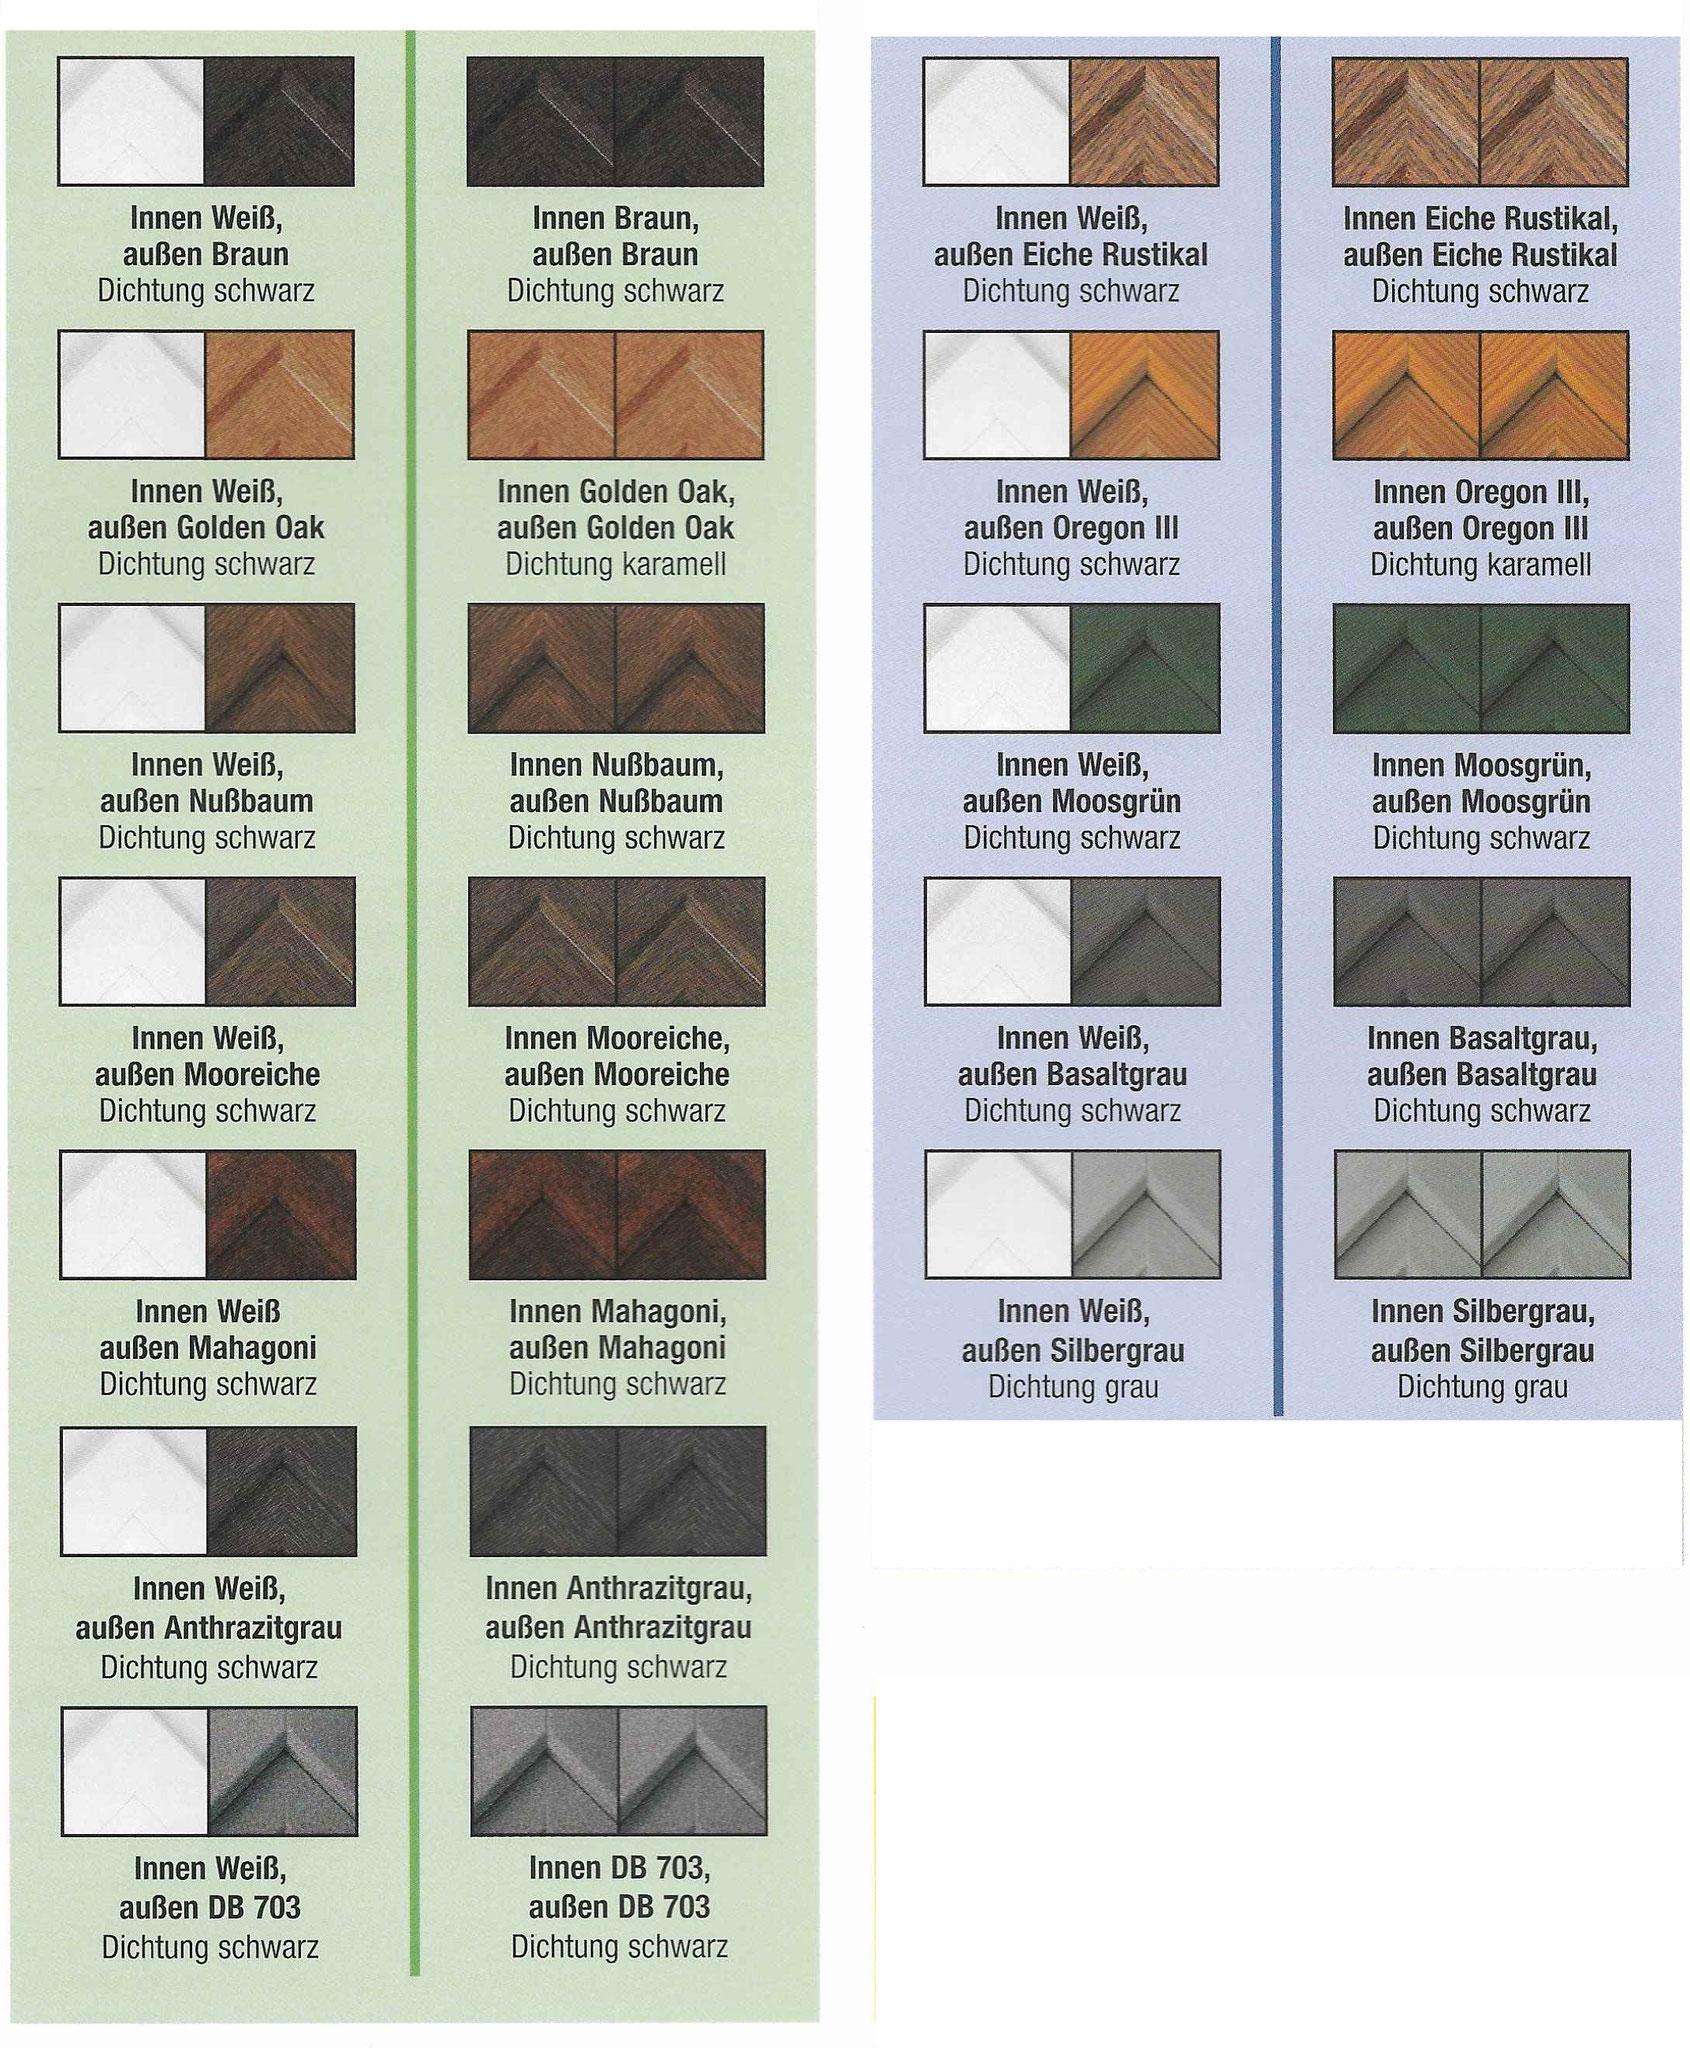 Beispiele für mögliche Farbkombinationen